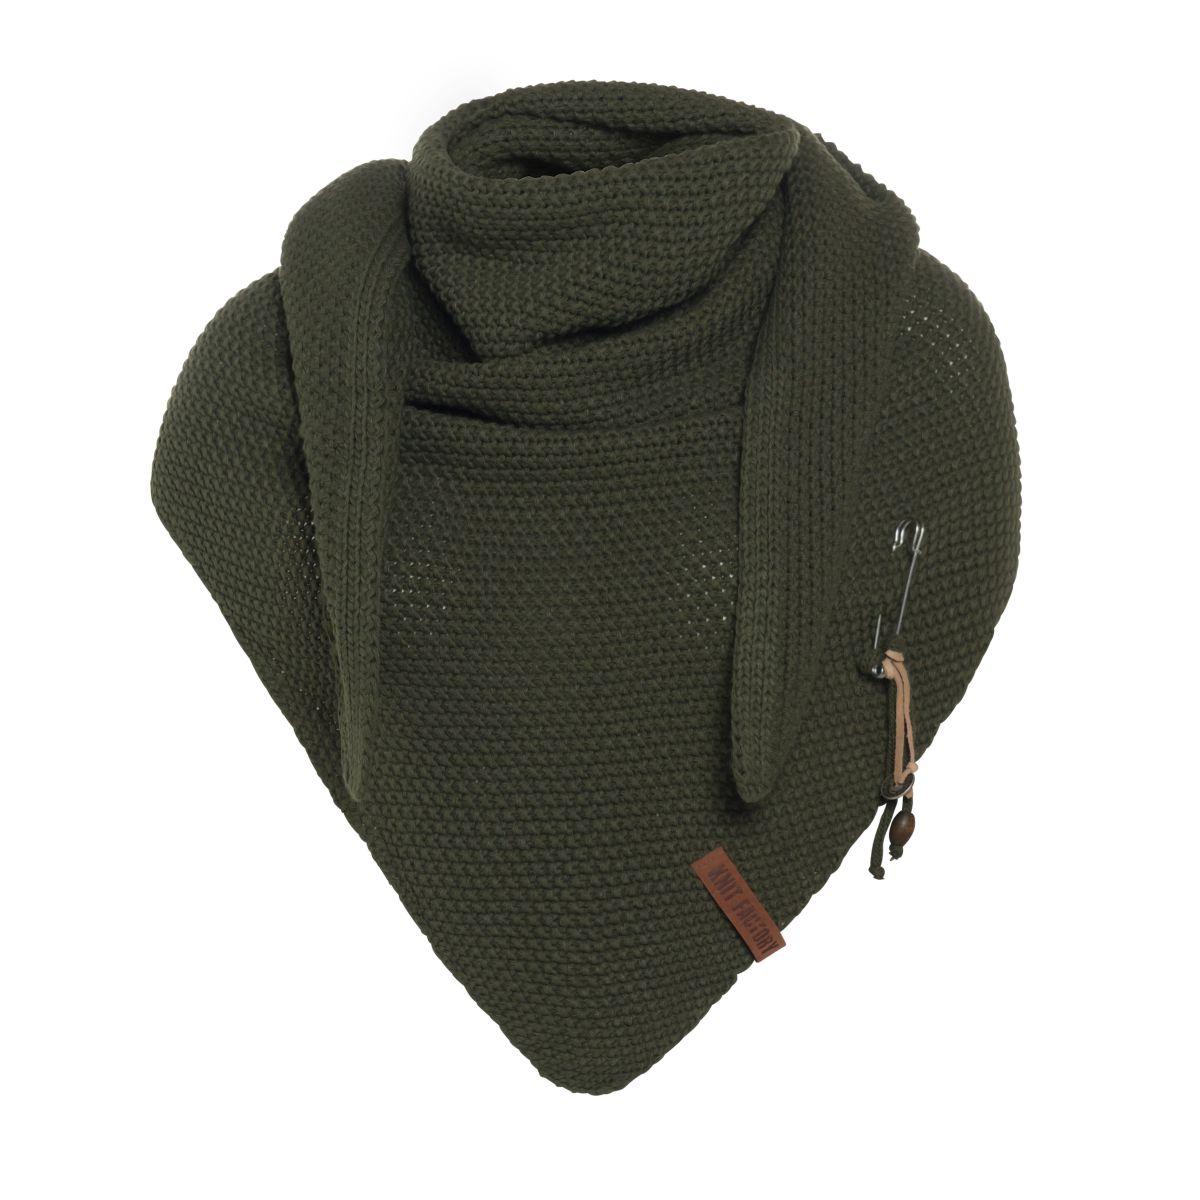 knit factory 1206025 coco omslagdoek khaki 1